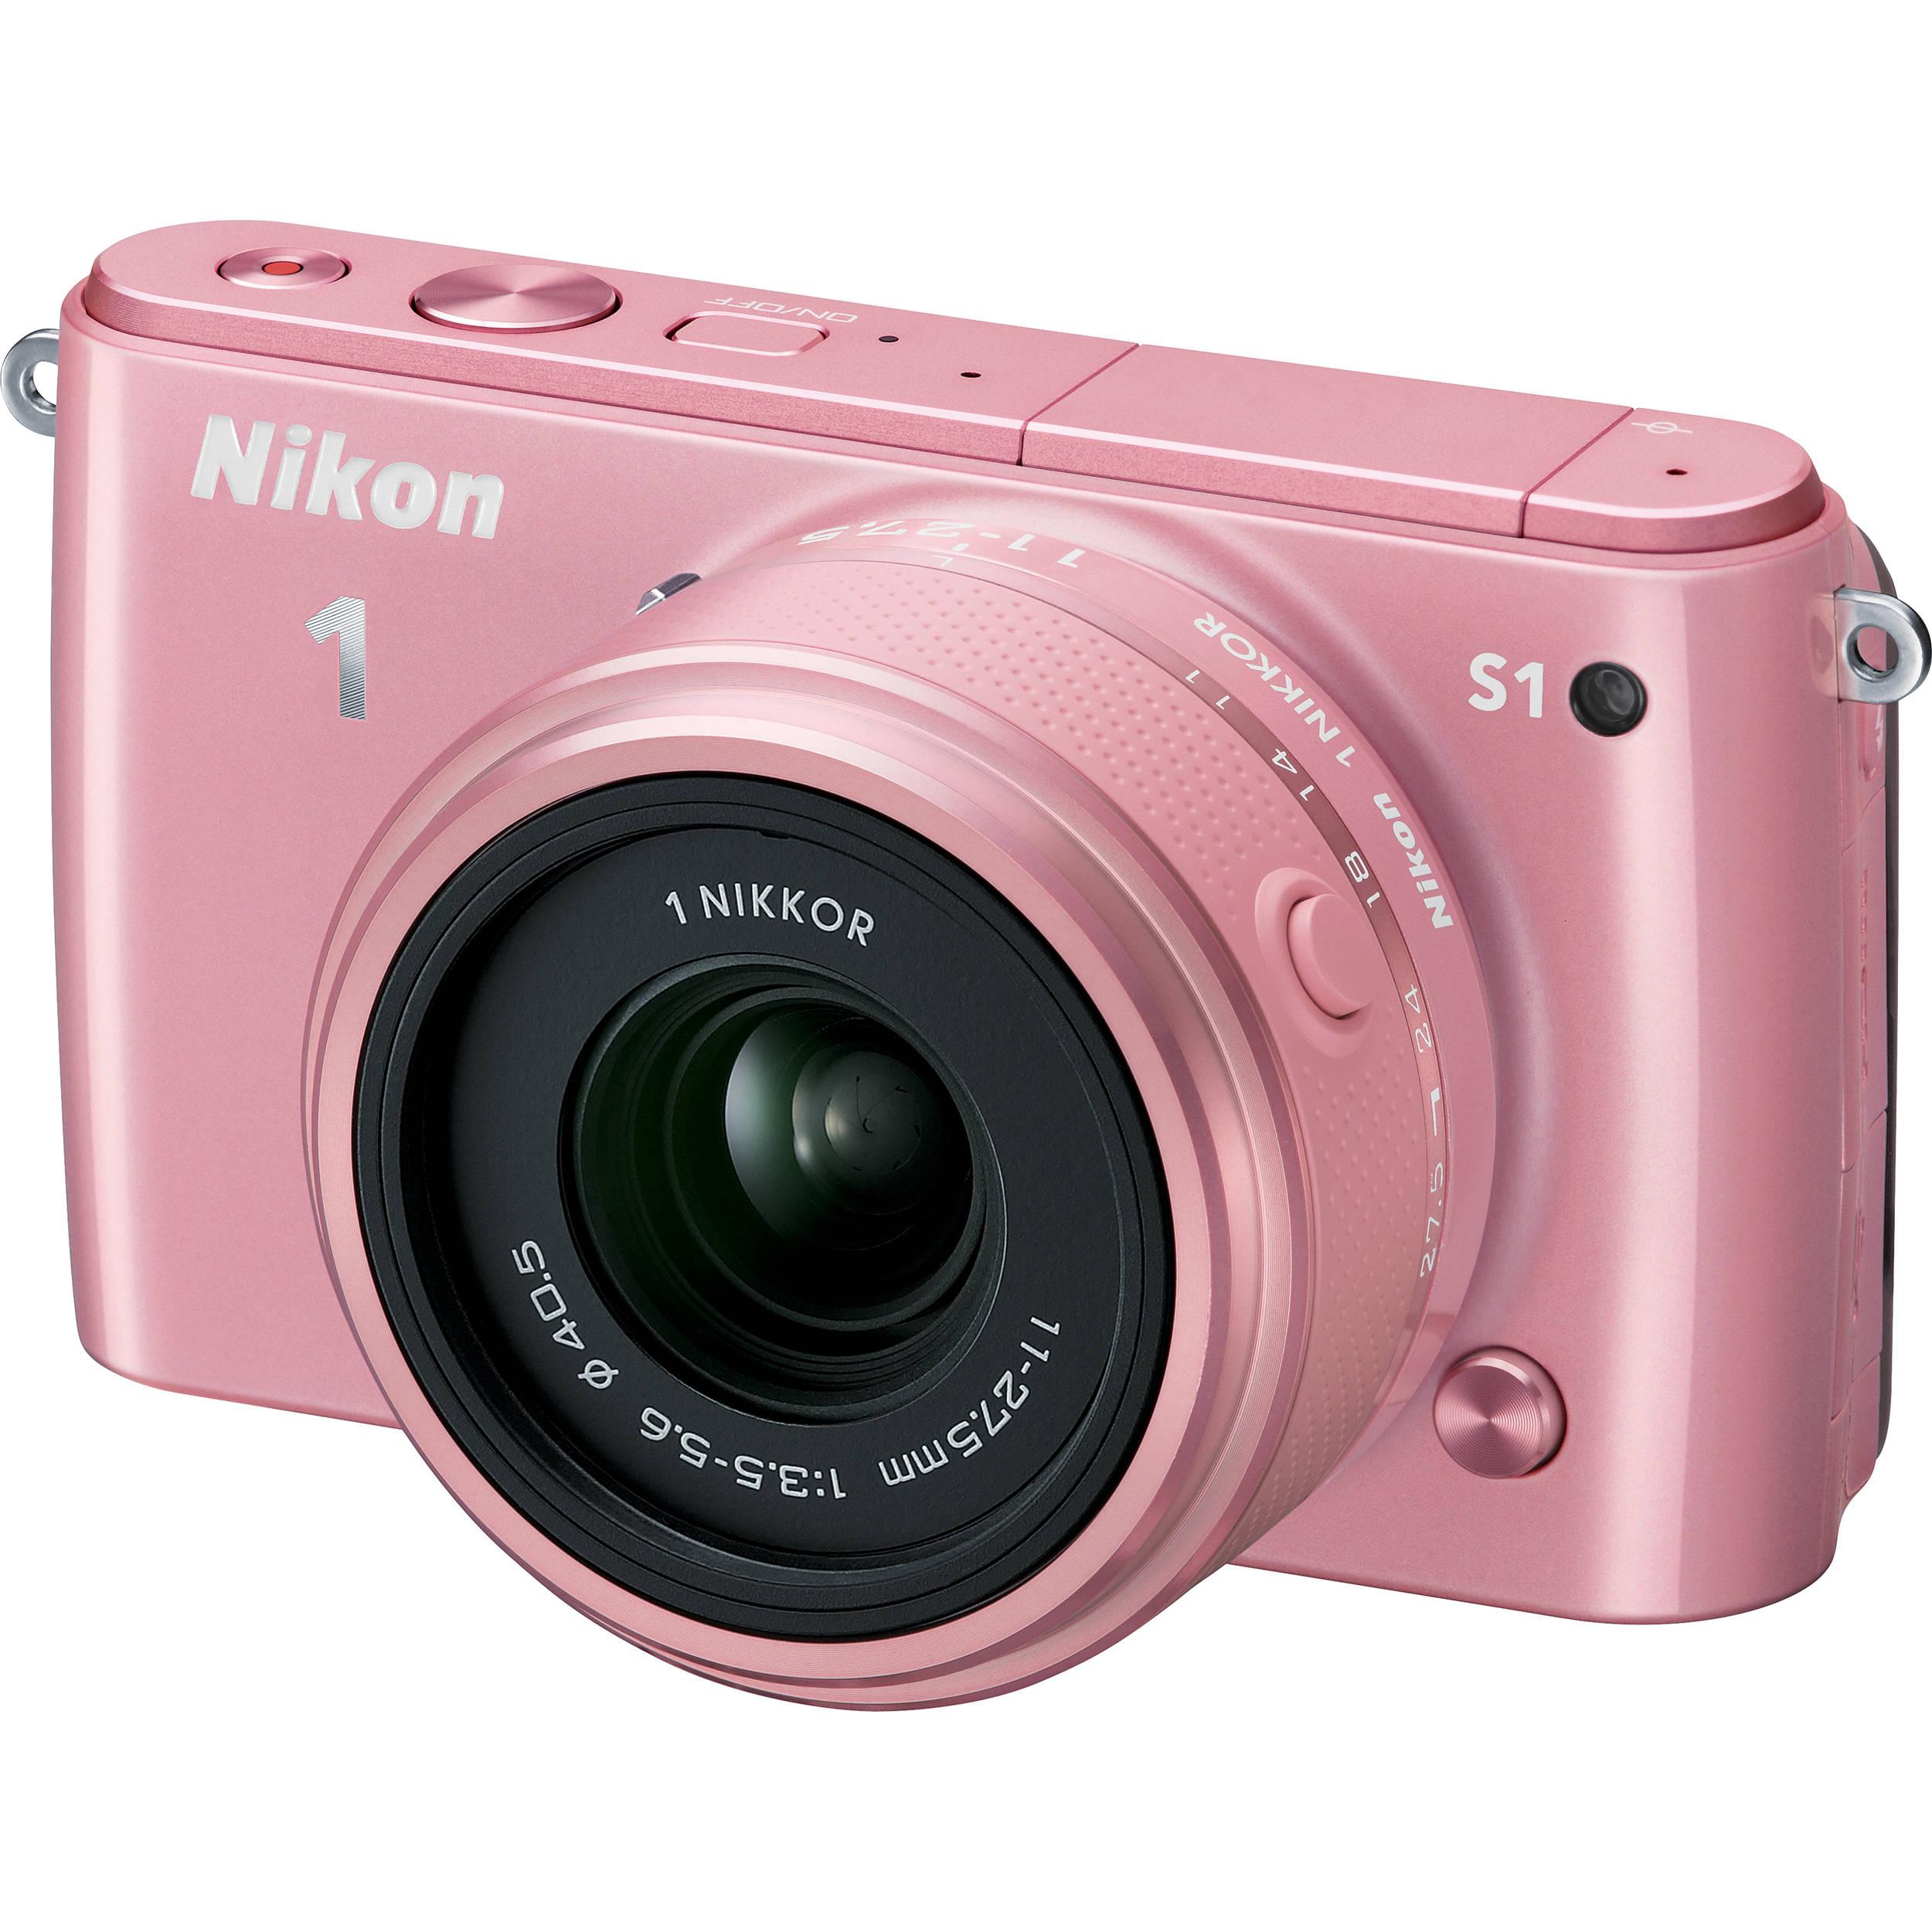 Image result for 8. Kamera Mirrorless Nikon 1 S1